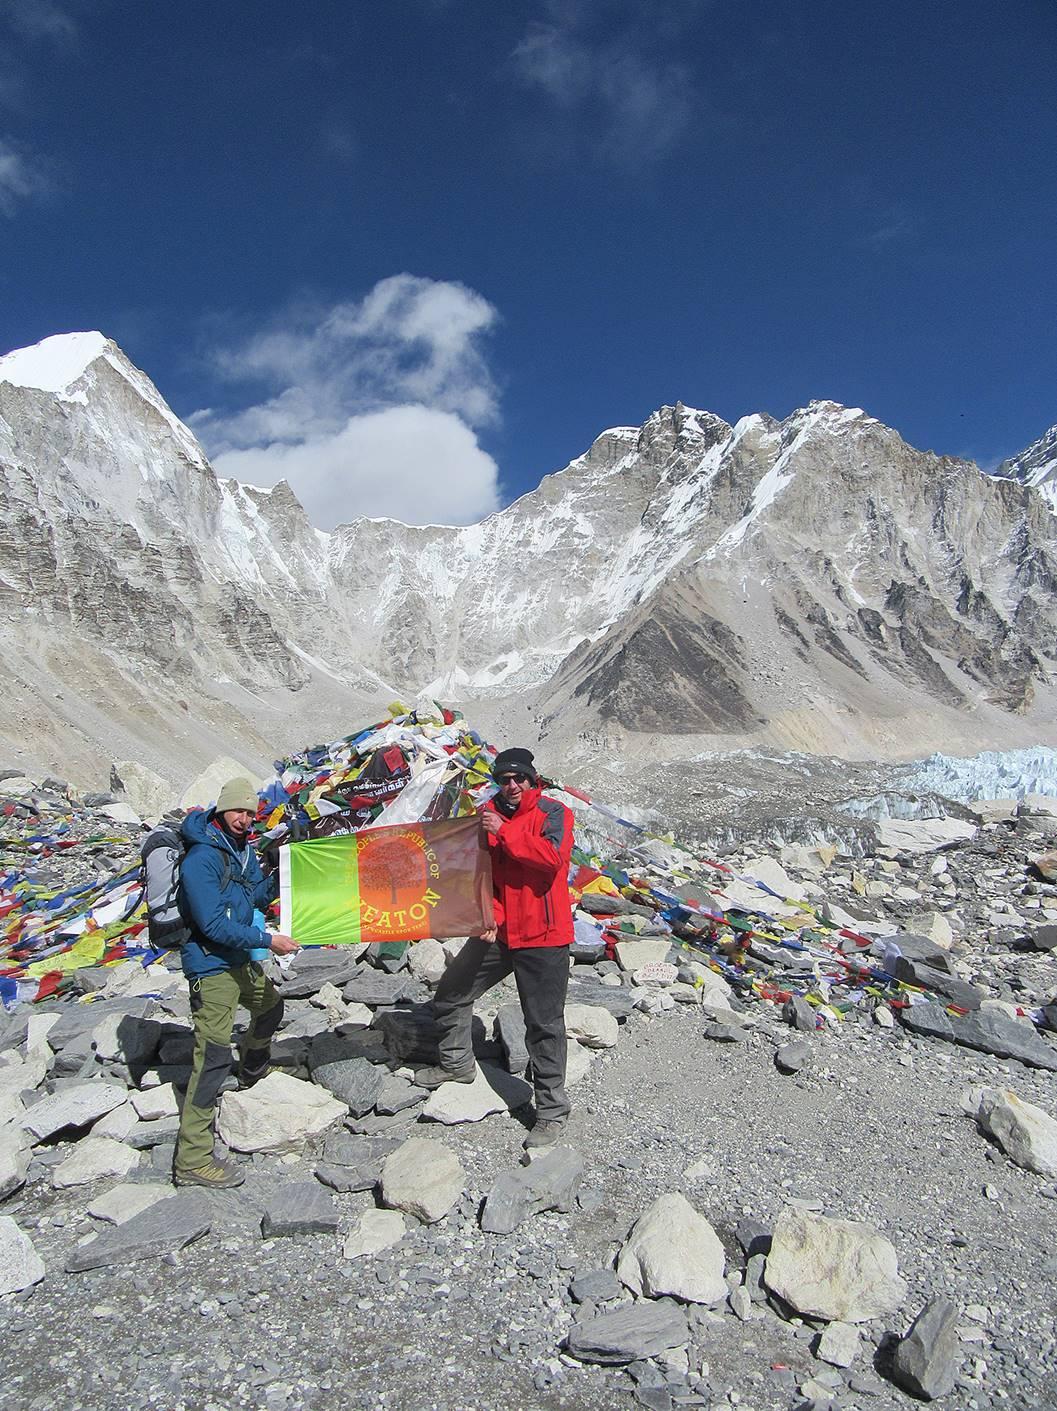 Les habitants de Heaton emmènent même leur drapeau à travers le monde, comme ici au camp de base de l'Everest. Copyright Colin Hagan 2019.  http://colinhagan.co.uk/